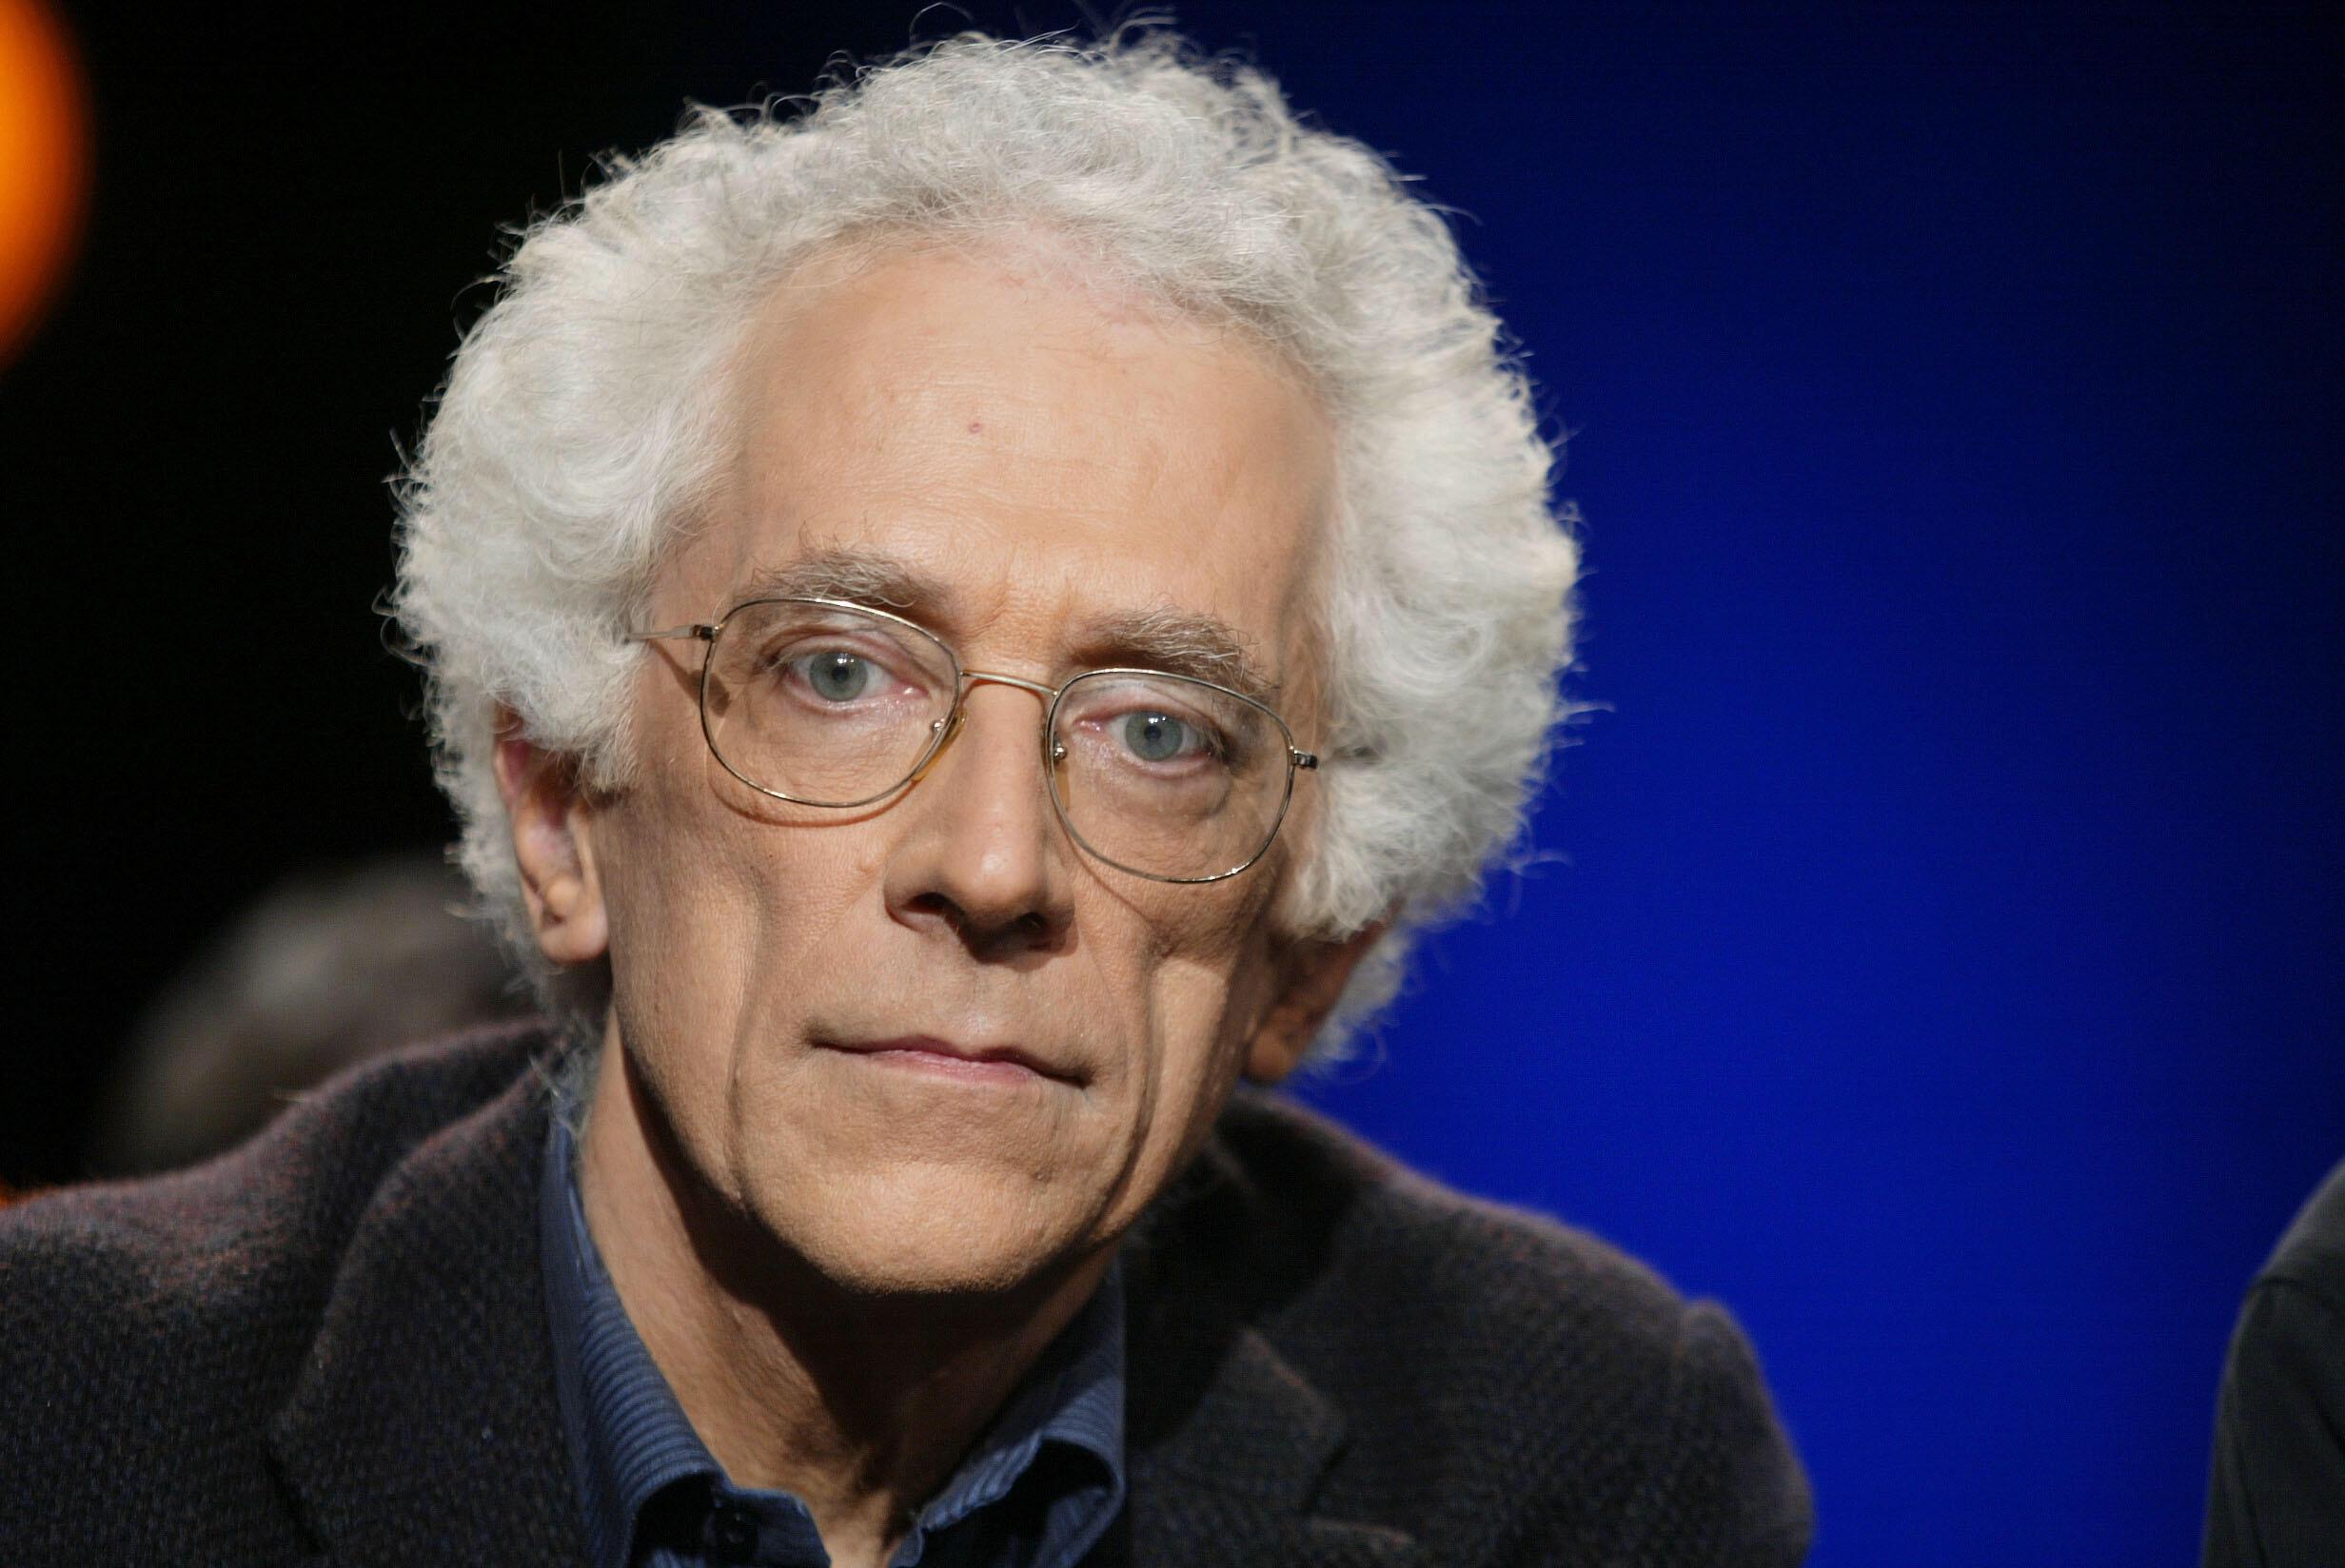 El pensador franco-búlgaro Tzvetan Todorov, el 2 de octubre de 2003.